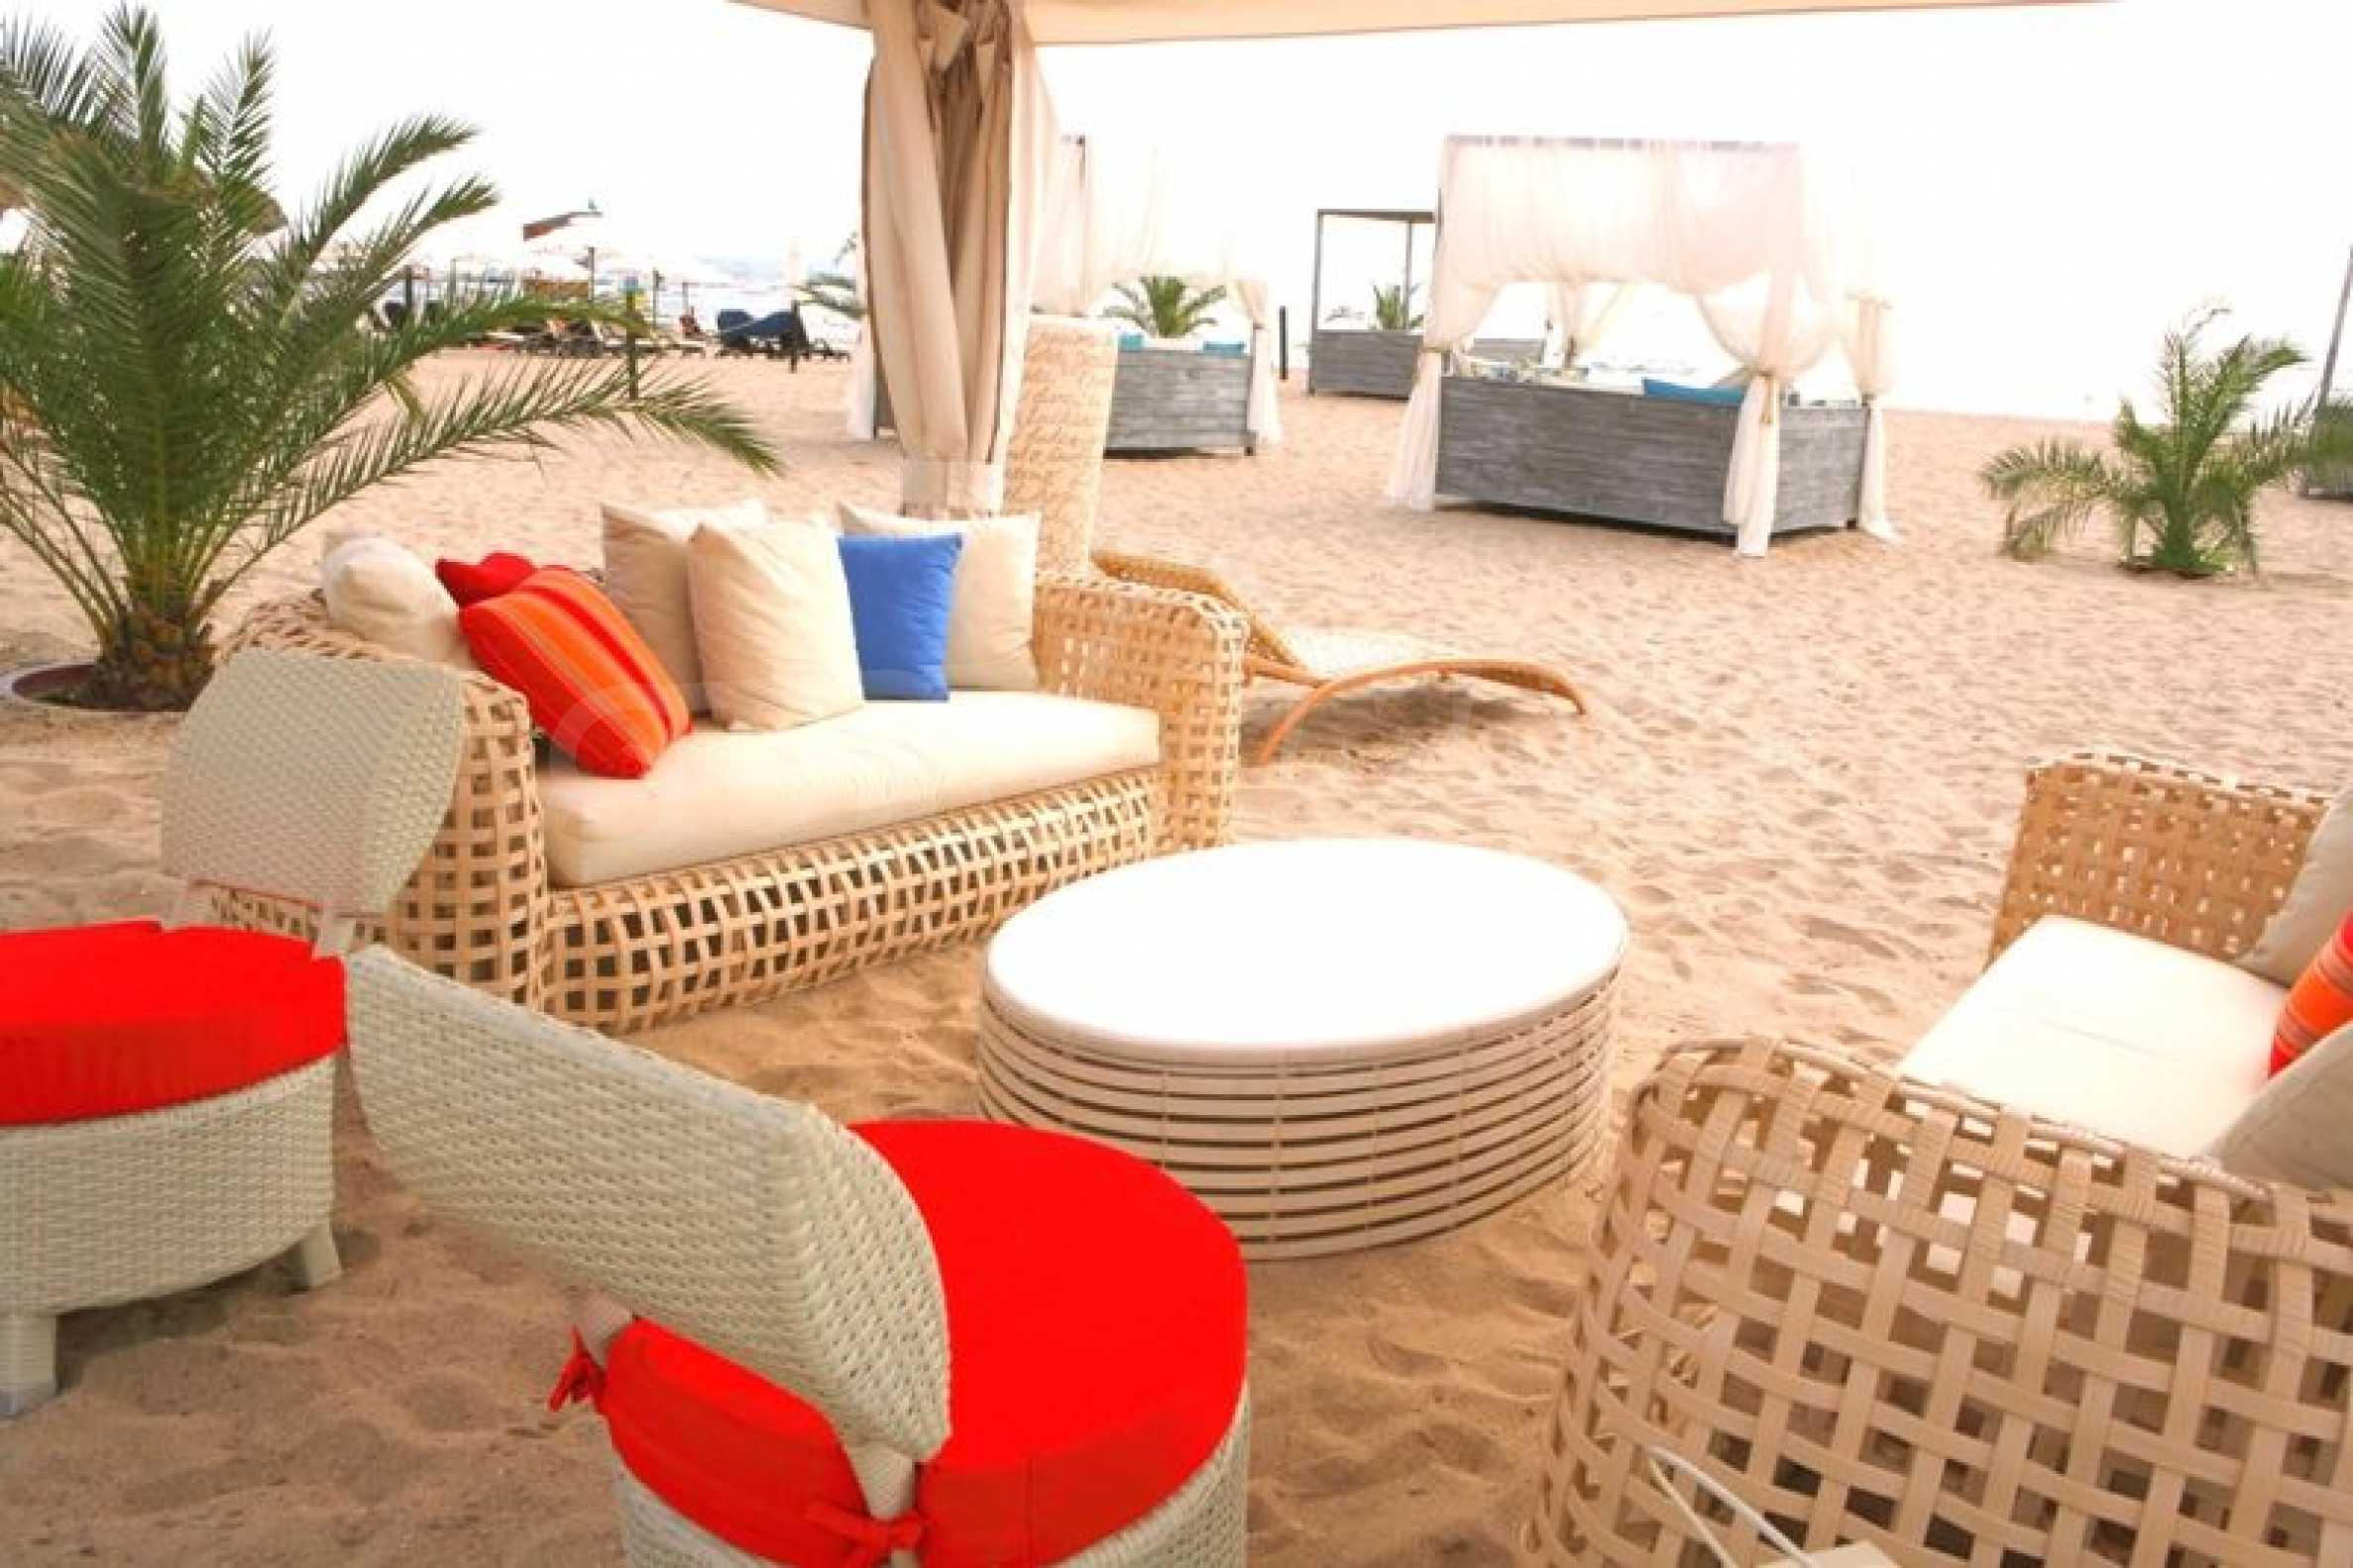 """Studio zum Verkauf in einem Elitekomplex in Strandnähe """"Oasis"""" 5"""